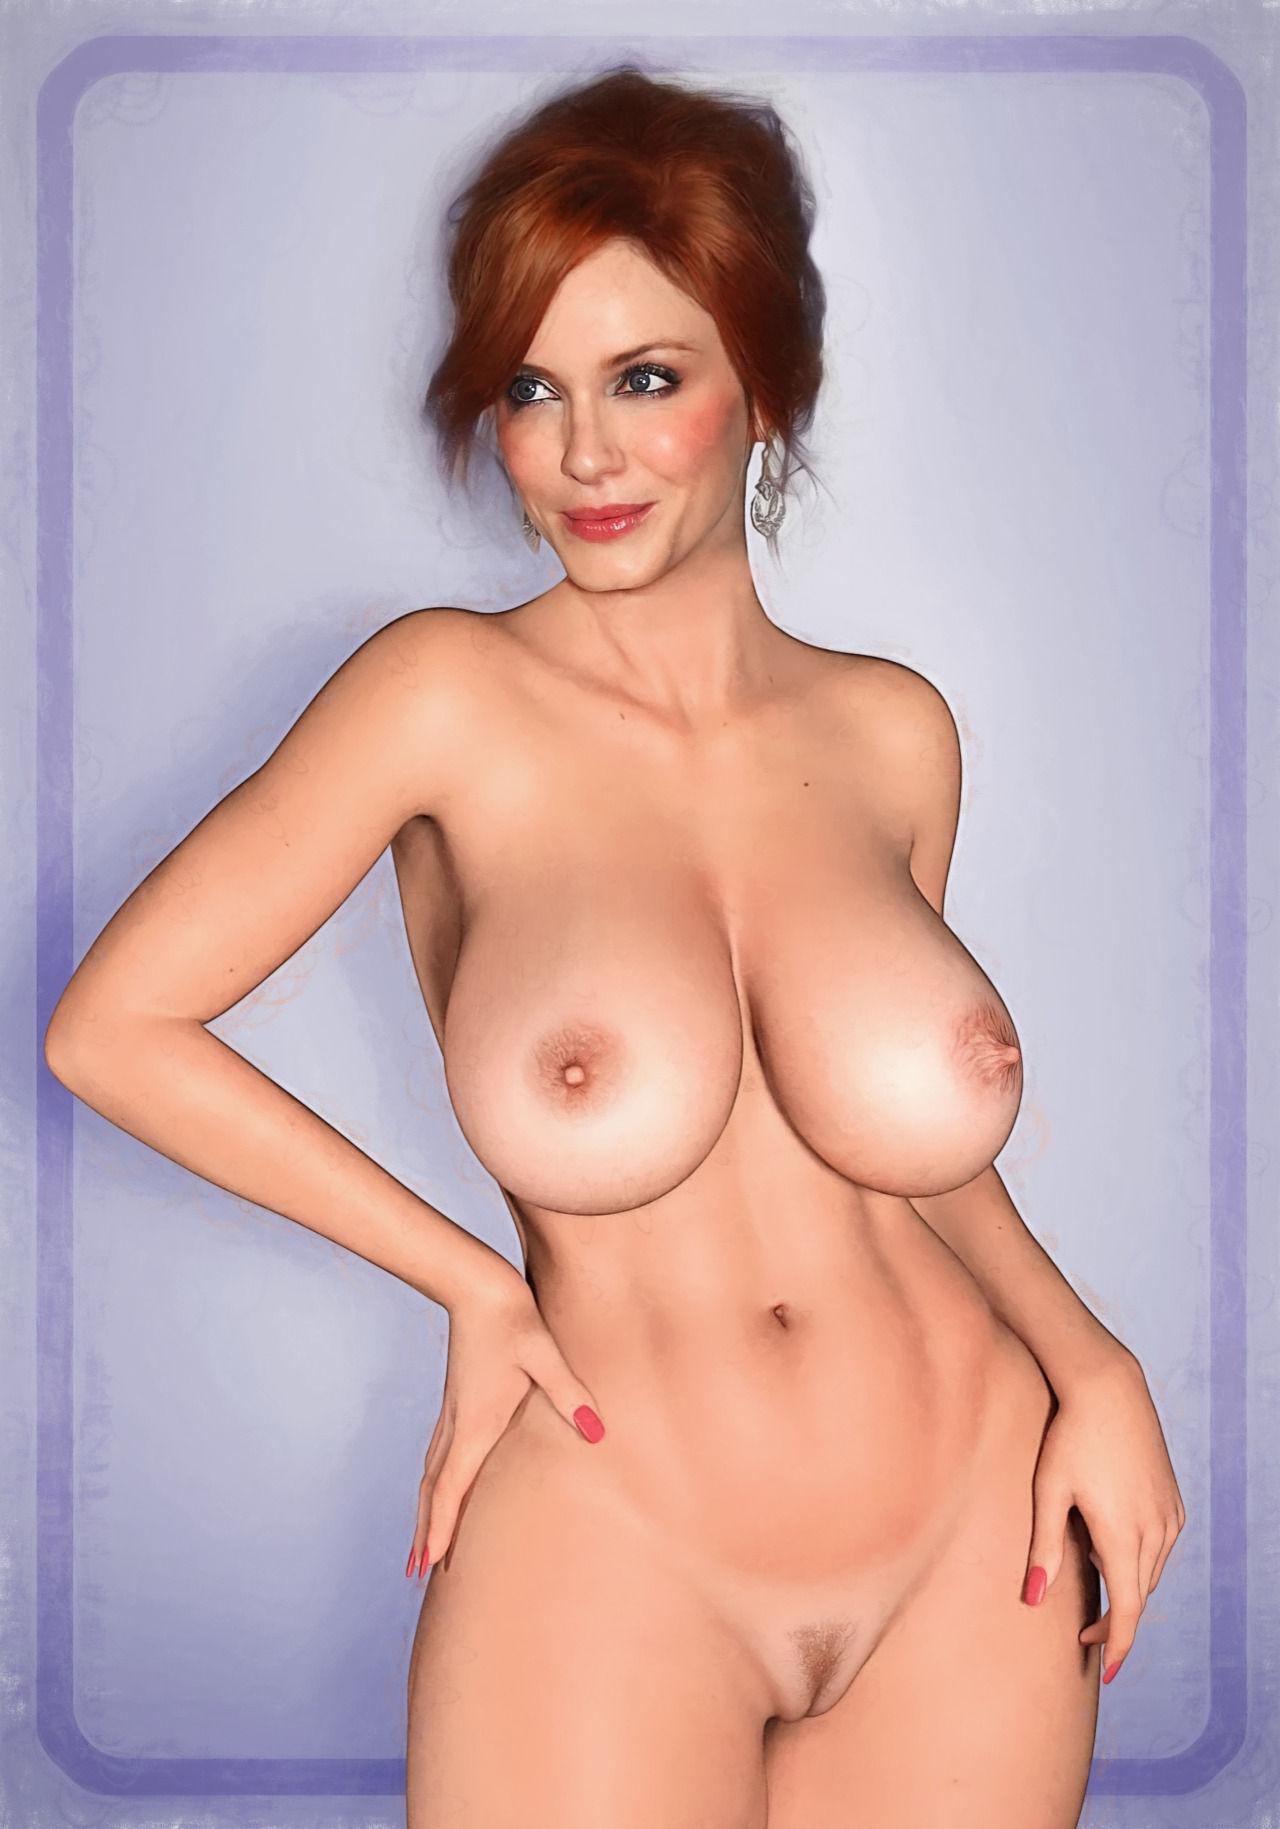 Denise milani erotiscopic